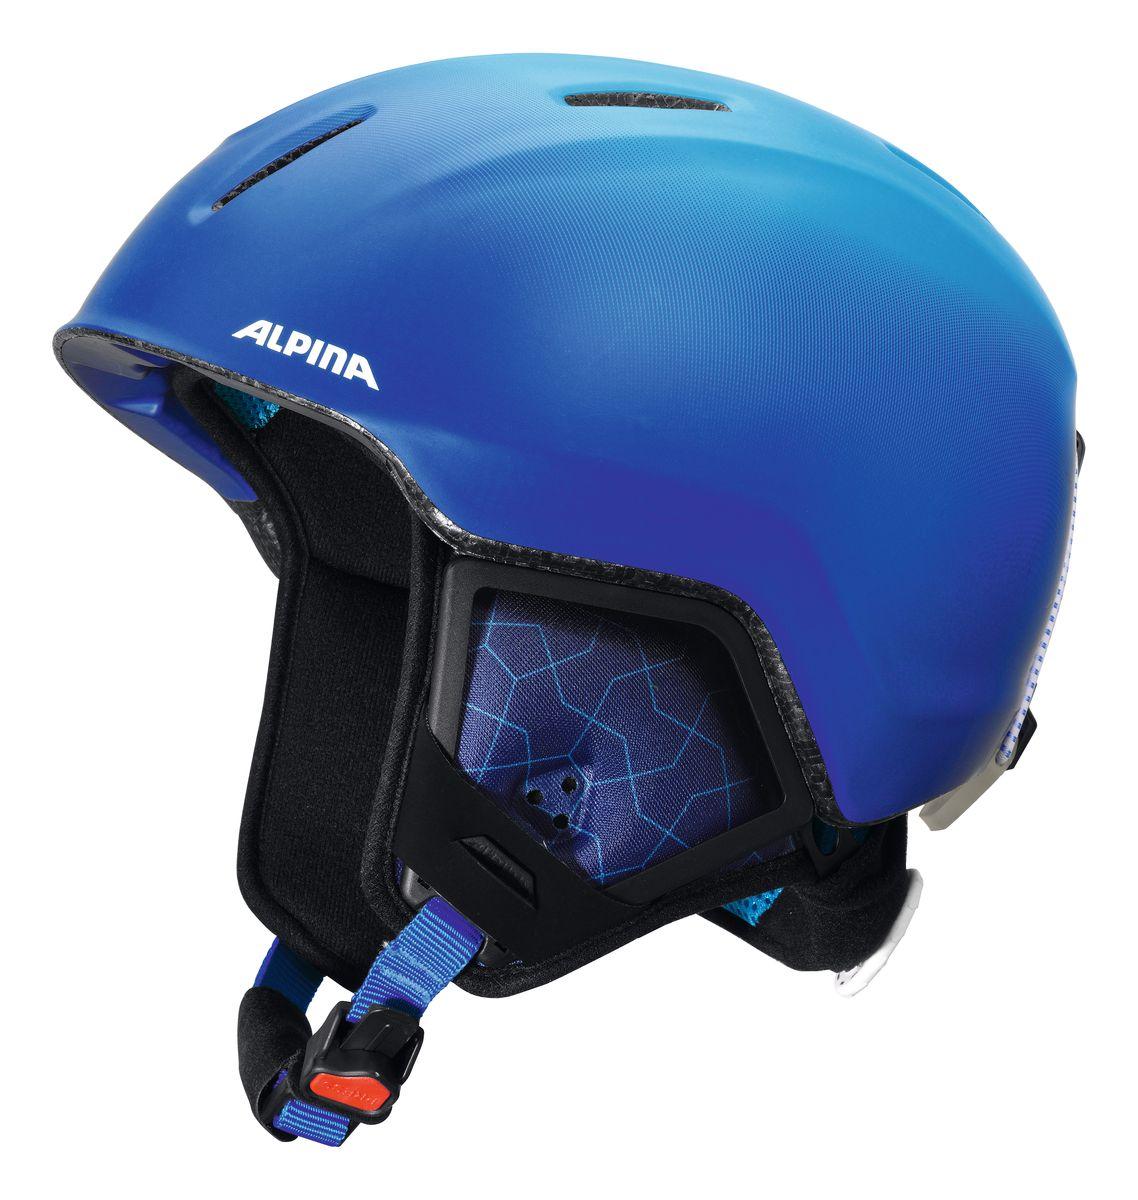 Шлем зимний Alpina Carat Xt, цвет: синий. Размер 51-55. 9080_819080_81Особенности:• Вентиляционные отверстия препятствуют перегреву и позволяют поддерживать идеальную температуру внутри шлема. Для этого инженеры Alpina используют эффект Вентури, чтобы сделать циркуляцию воздуха постоянной и максимально эффективной.• Внутренник шлема легко вынимается, стирается, сушится и вставляется обратно.• Из задней части шлема можно достать шейный утеплитель из мякого микро-флиса. Этот теплый воротник также защищает шею от ударов на высокой скорости и при сибирских морозах. В удобной конструкции отсутствуют точки давления на шею.• Прочная и лёгкая конструкция In-moldInmould - технология, при которой внутренняя оболочка из EPS (вспененного полистирола) покрыта поликарбонатом. Внешняя тонкая жесткая оболочка призвана распределить энергию от удара по всей площади шлема, защитить внутреннюю часть от проникновения острых осколков и сохранить ее форму. Внутренняя толстая мягкая оболочка демпфирует ударную энергию, предохраняя головной мозг от ударов. Такой шлем наиболее легкий и подходит большинству горнолыжников, не бросающих вызов судьбе в поисках адреналина. . Тонкая и прочная поликарбонатная оболочка под воздействием высокой температуры и давления буквально сплавляется с гранулами EPSВспенивающийся полистирол (ПСВ) являлся изоляционным полимерным материалом. Каждая гранула состоит из равномерно распределенных микроскопических плотных клеток заполненных воздухом. Пенополистирол на 98% состоит из воздуха и только на 2% из полистирола. Такая структура и придает замечательные свойства материалу, получившему заслуженное признание во всем мире. Прочность пенополистирола позволяет применять его в качестве конструктивного элемента, способного нести значительные нагрузки в течение длительного времени. Пенополистирол не гигроскопичен, он обладает хорошими механическими и изоляционными свойствами и значительной конструкционной гибкостью., которые гасят ударную нагрузку.• Внутренная оболочка 